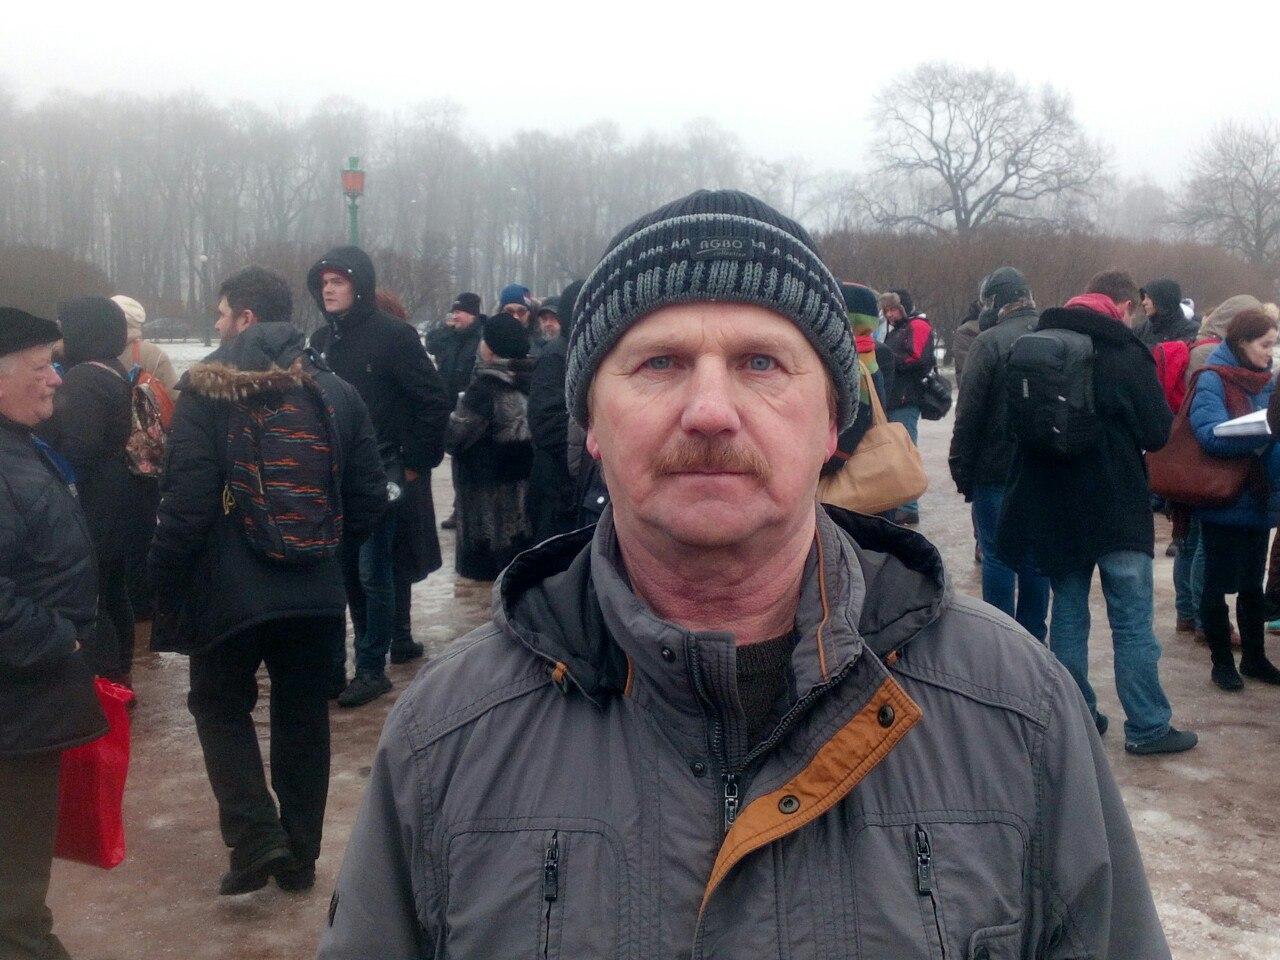 «Важно, чтобы власть слышала народ»: что говорят петербуржцы на акции против передачи Исаакия РПЦ